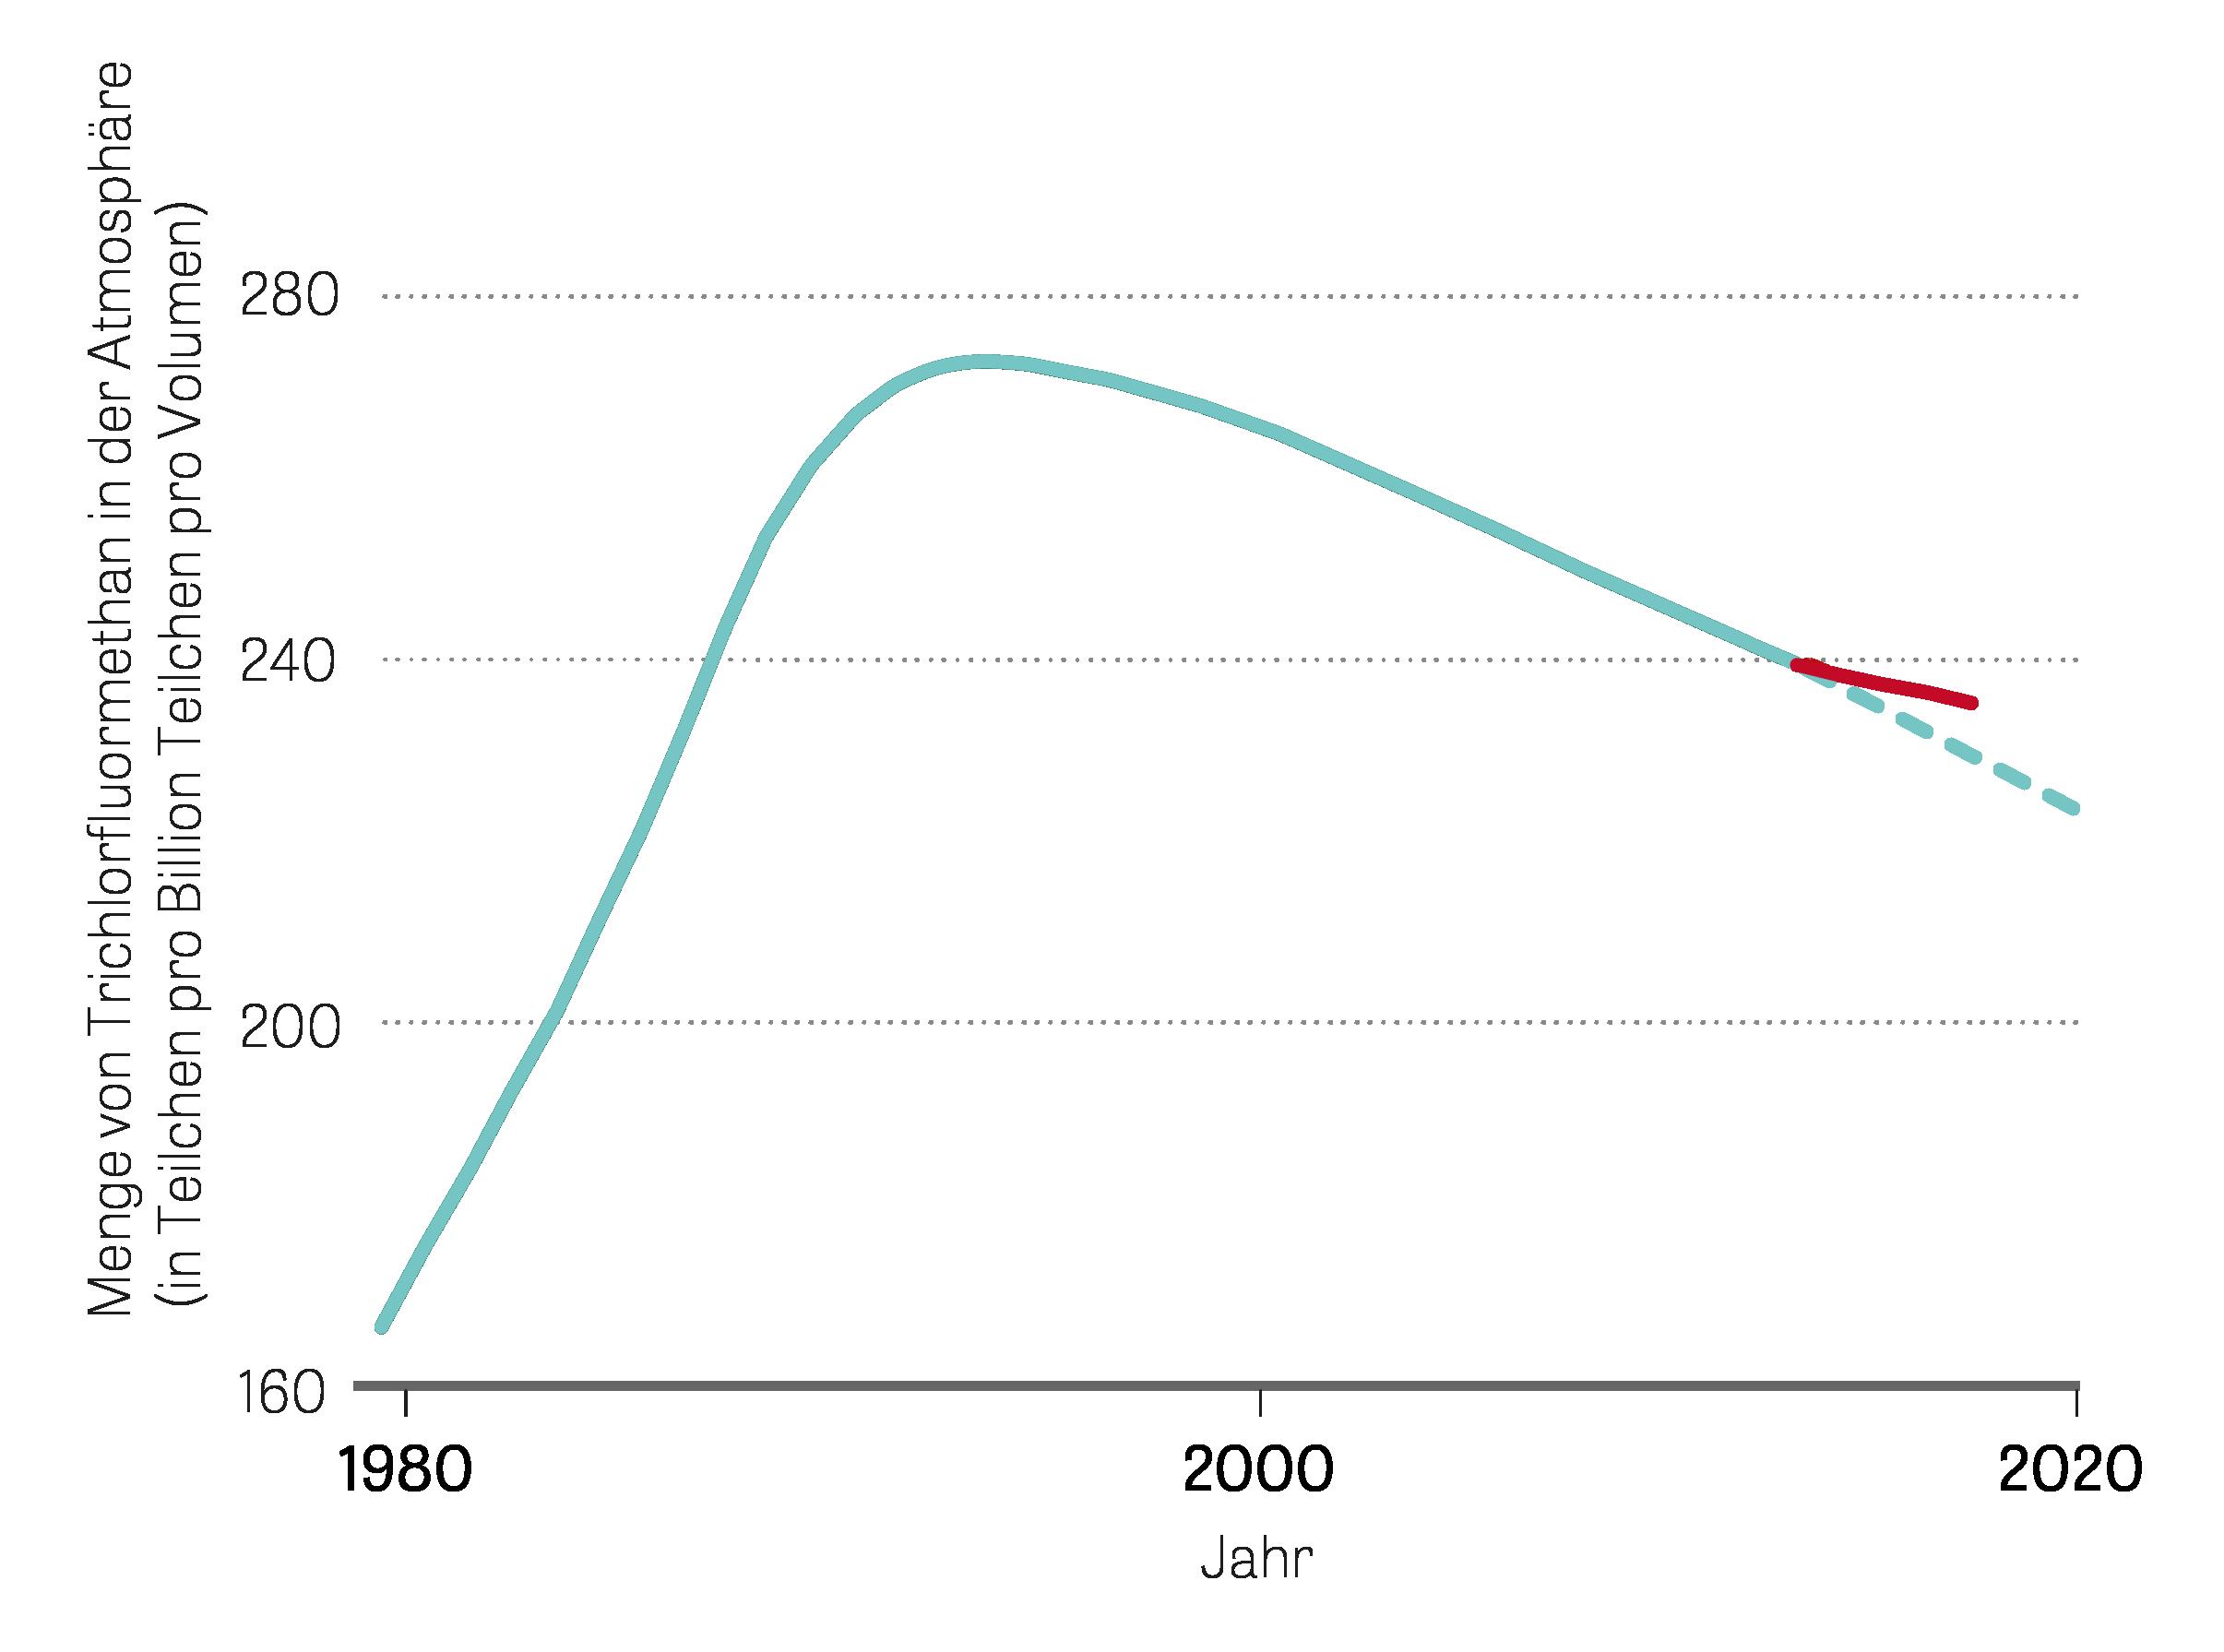 Ozonloch: Fluorchlorkohlenwasserstoffe (FCKW) sind seit 1989 international geächtet. Viele Staaten hielten sich an den Verzicht, mittlerweile ist die Herstellung gar verboten. Die FCKW-Belastung in der Atmosphäre ist daher zurückgegangen. Zuletzt allerdings nicht so stark, wie vorhergesagt.